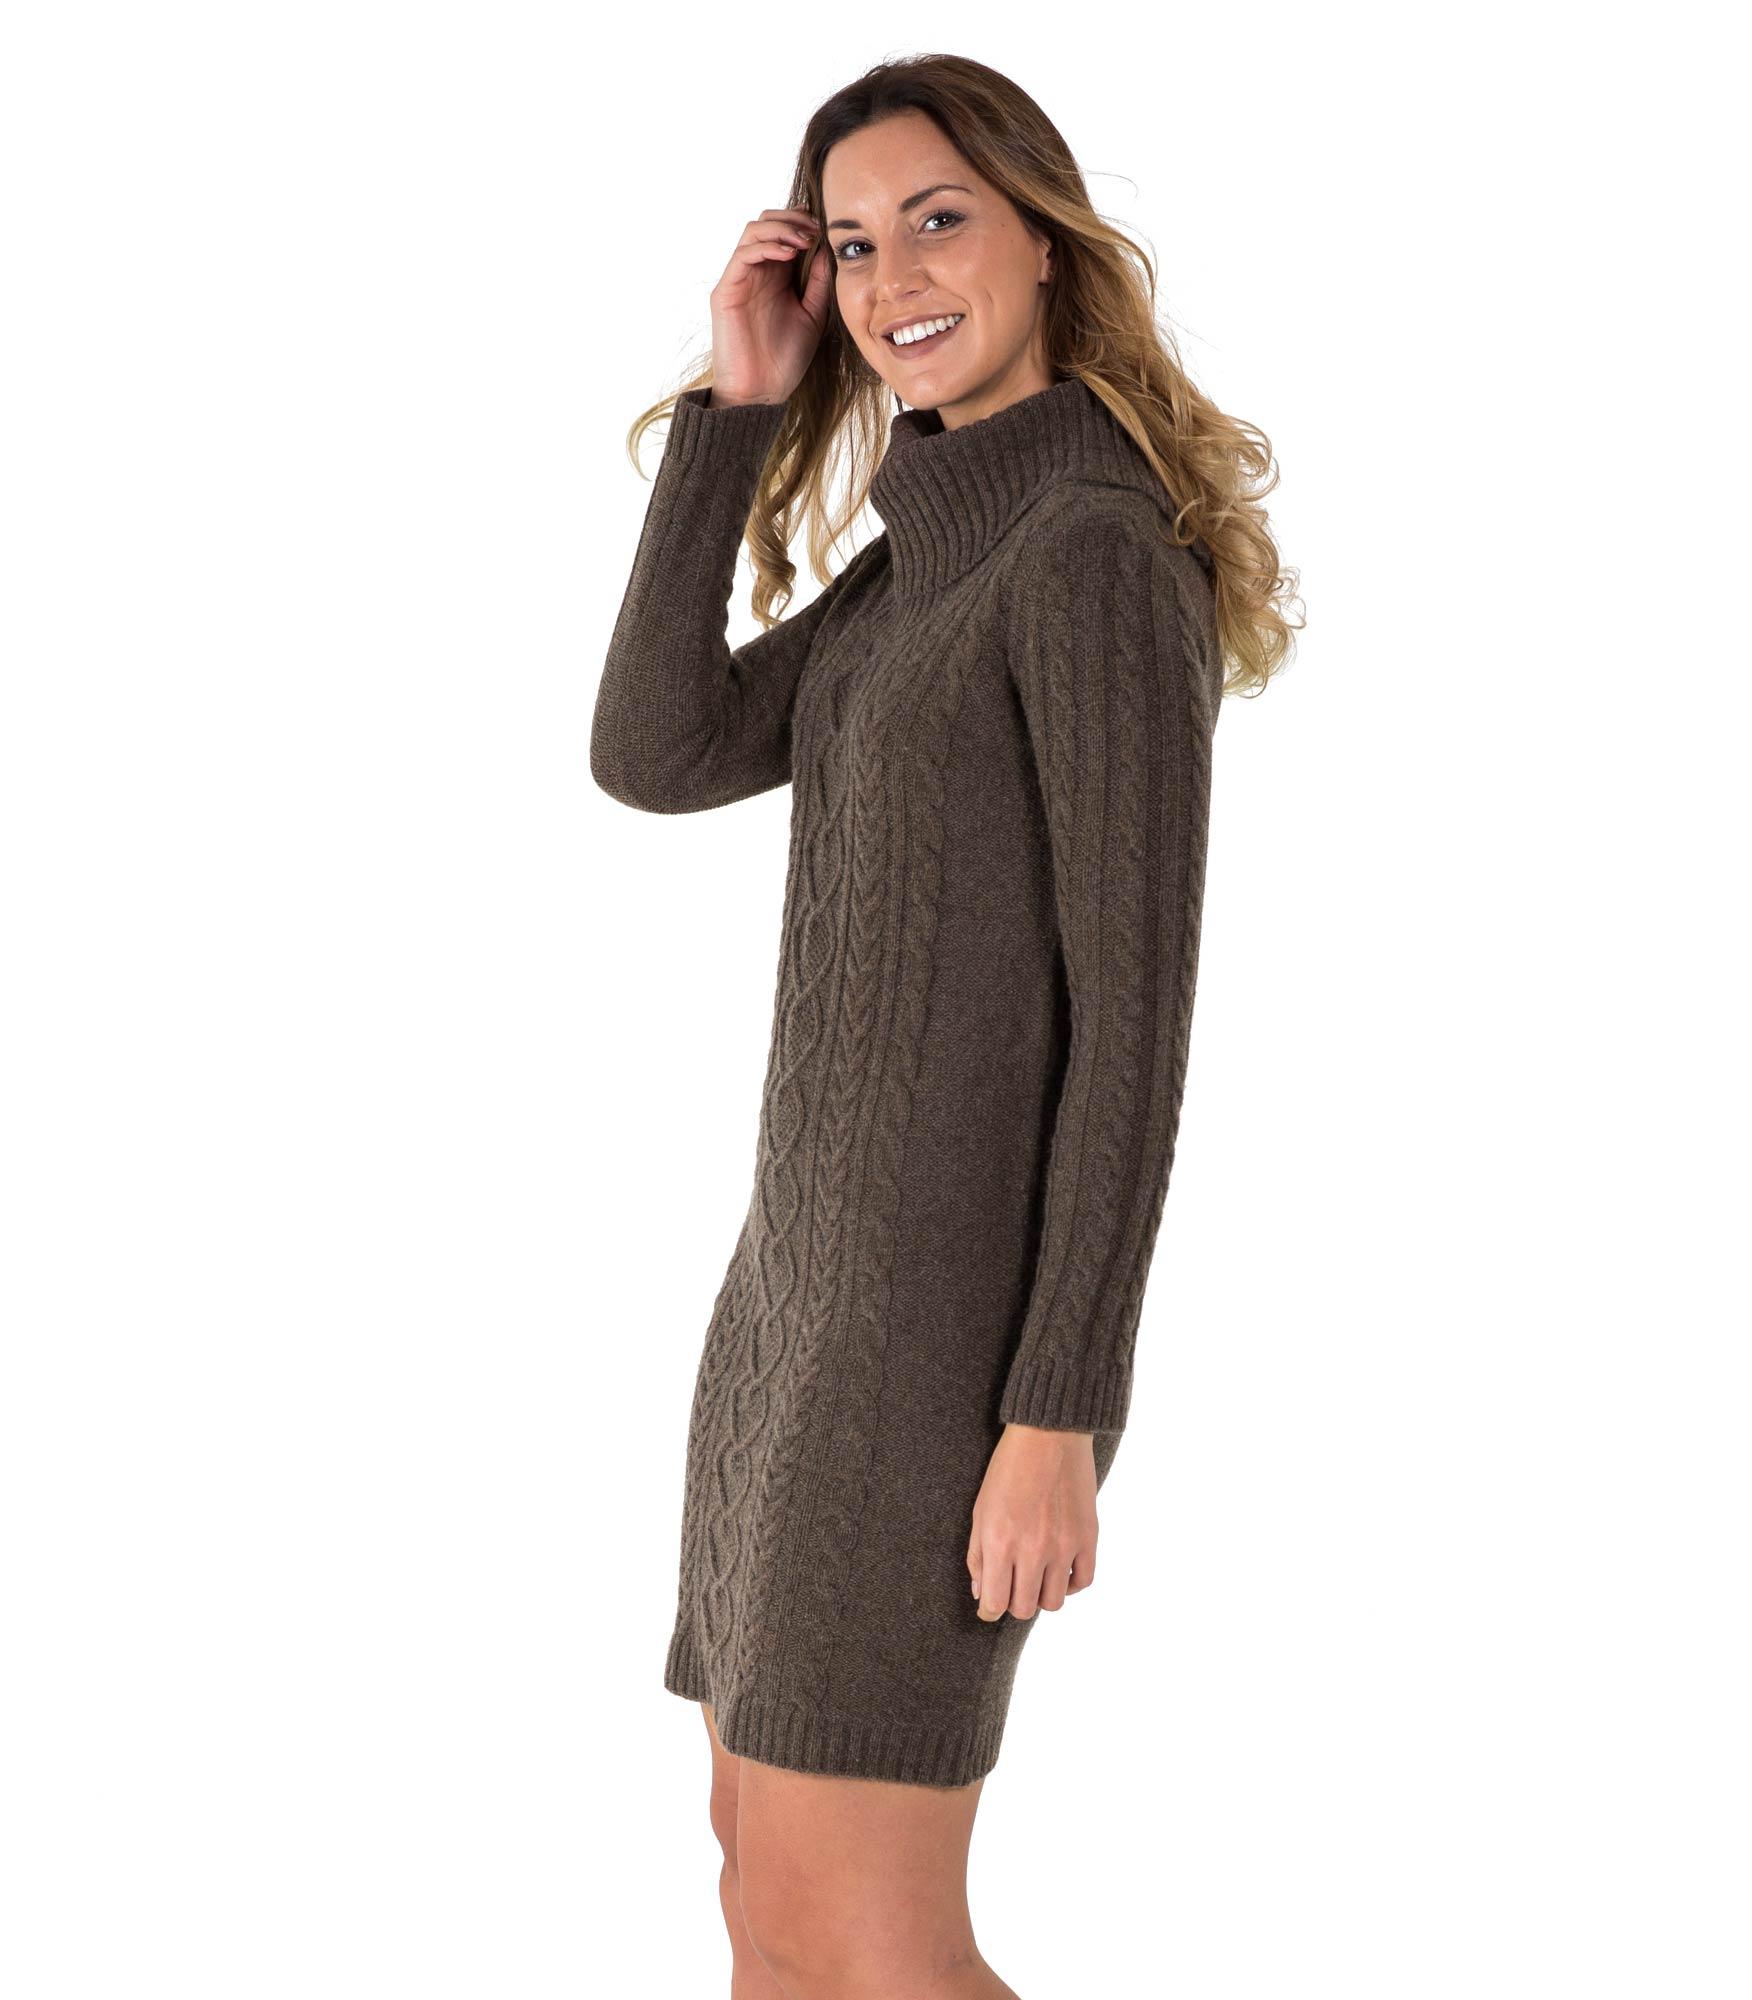 woolovers damen pulloverkleid wolle wasserfallkragen kleid strickkleid langarm ebay. Black Bedroom Furniture Sets. Home Design Ideas